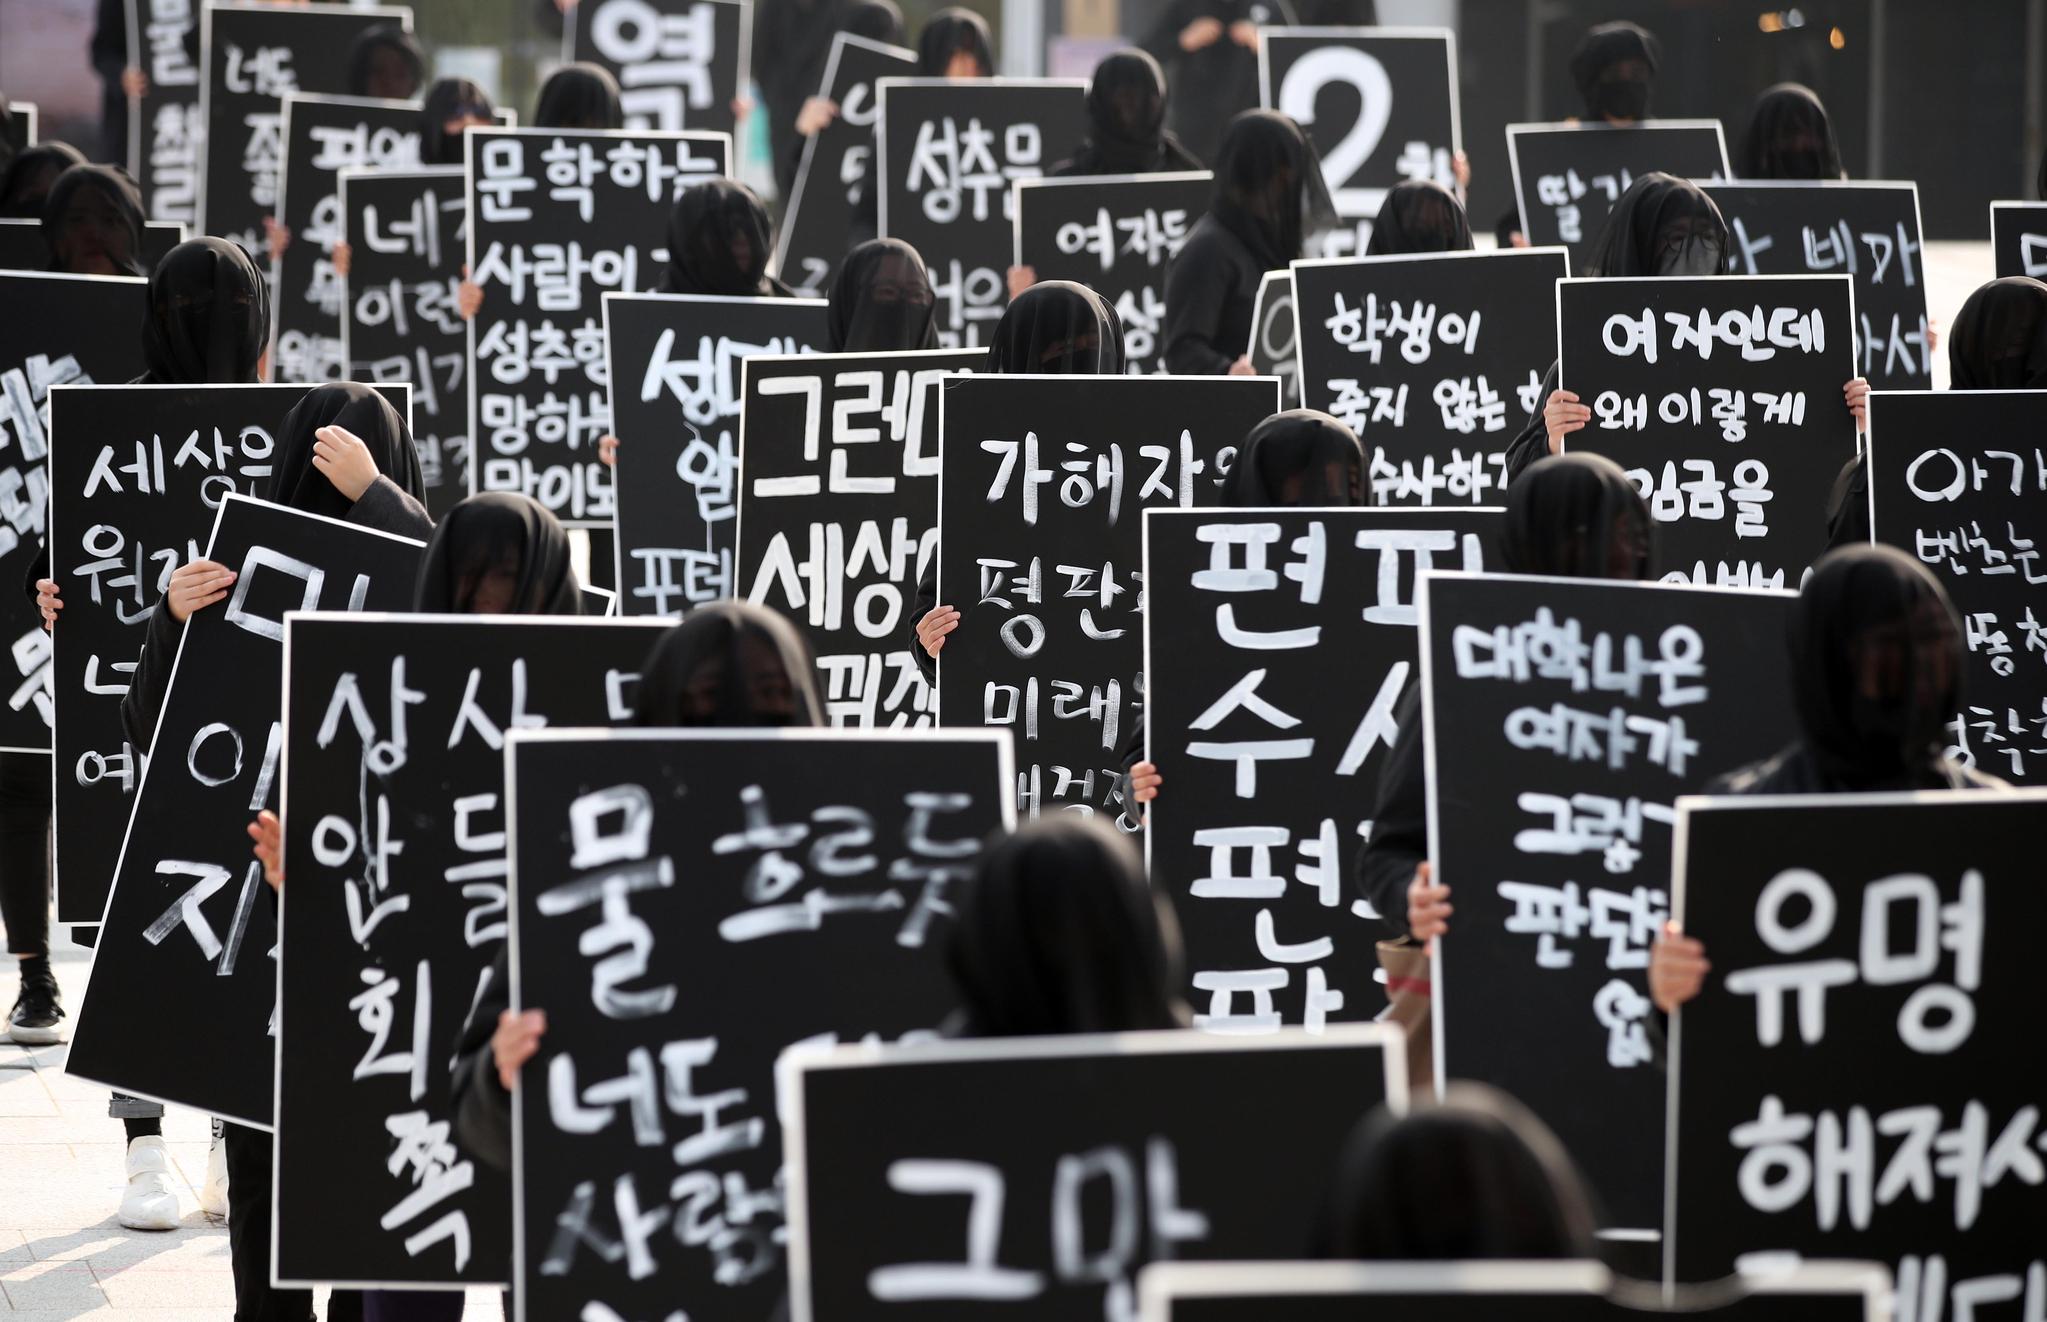 지난 10일 오후 서울 종로구 다시세운광장에서 열린 '#미투, 세상을 부수는 말들' 퍼포먼스에서 참가자들이 손팻말을 들고 있다. [연합뉴스]